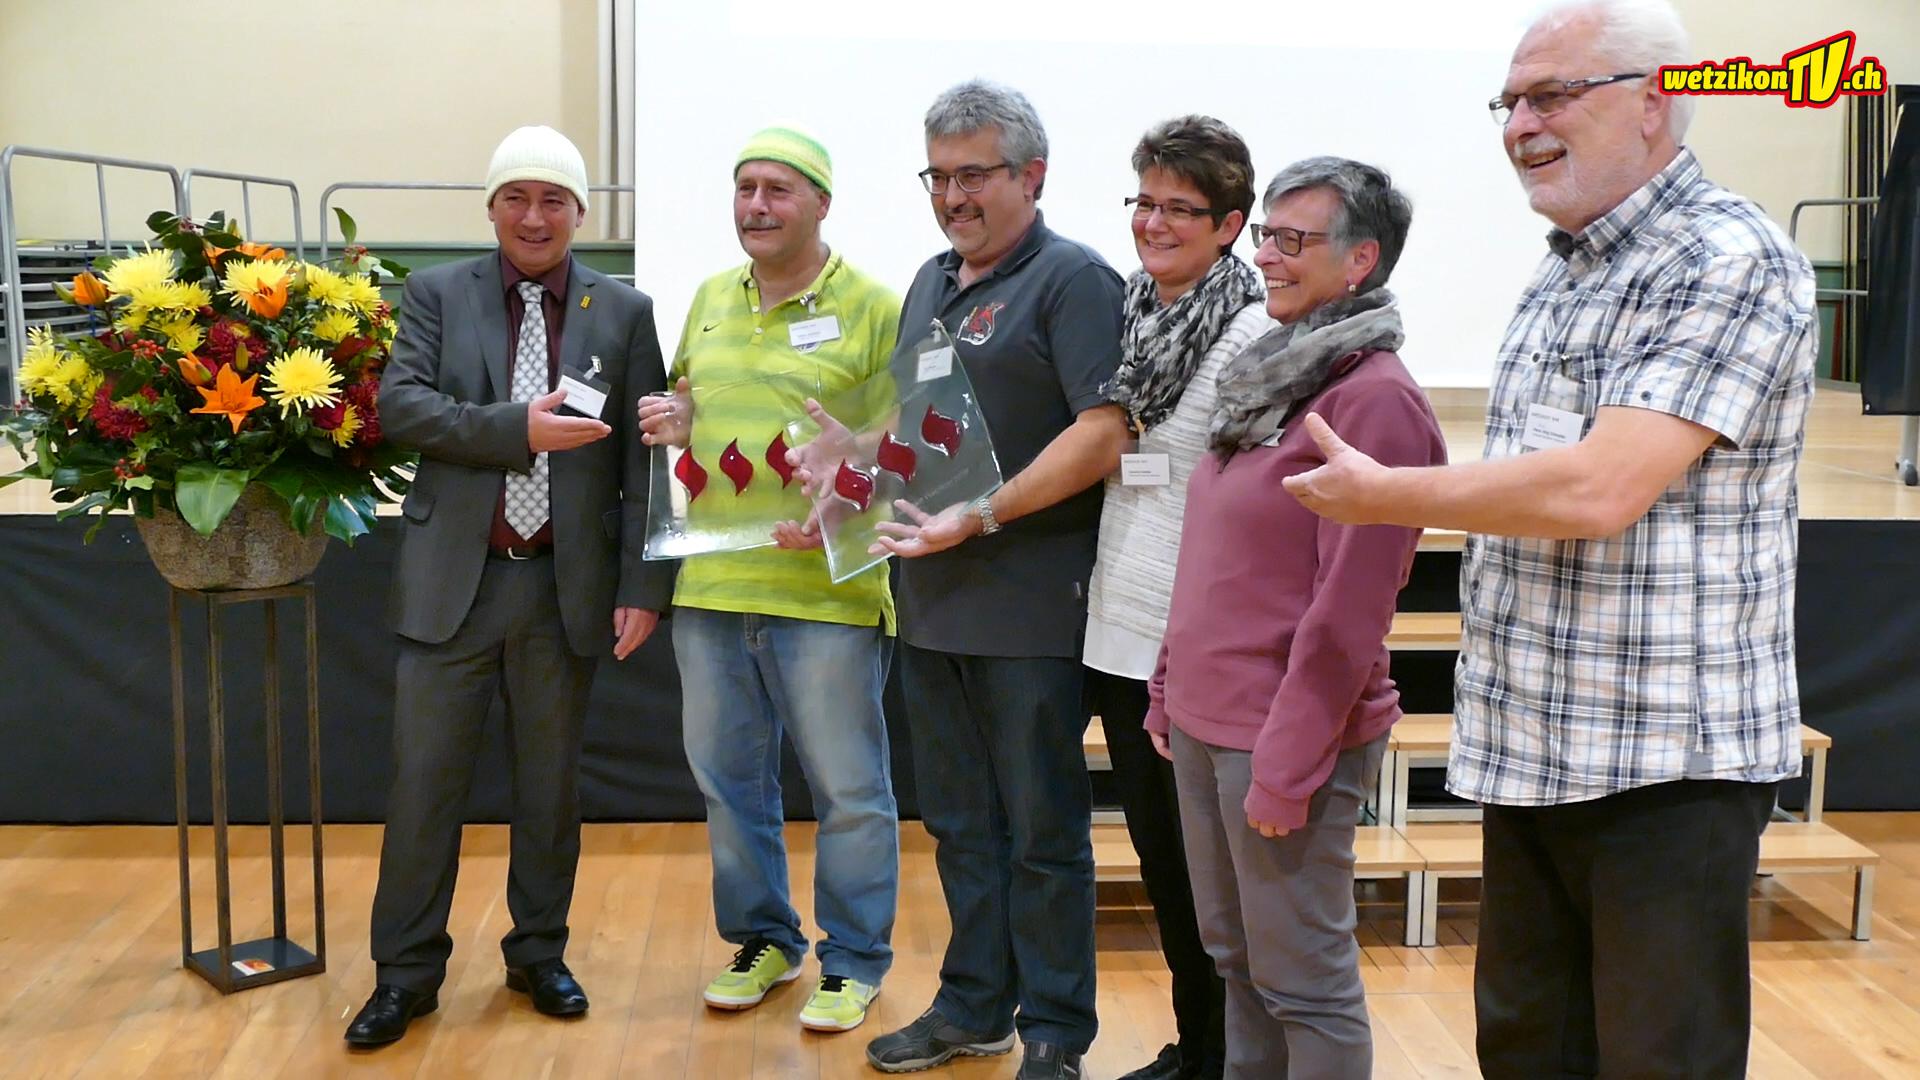 Verleihung Wetziker Flamme